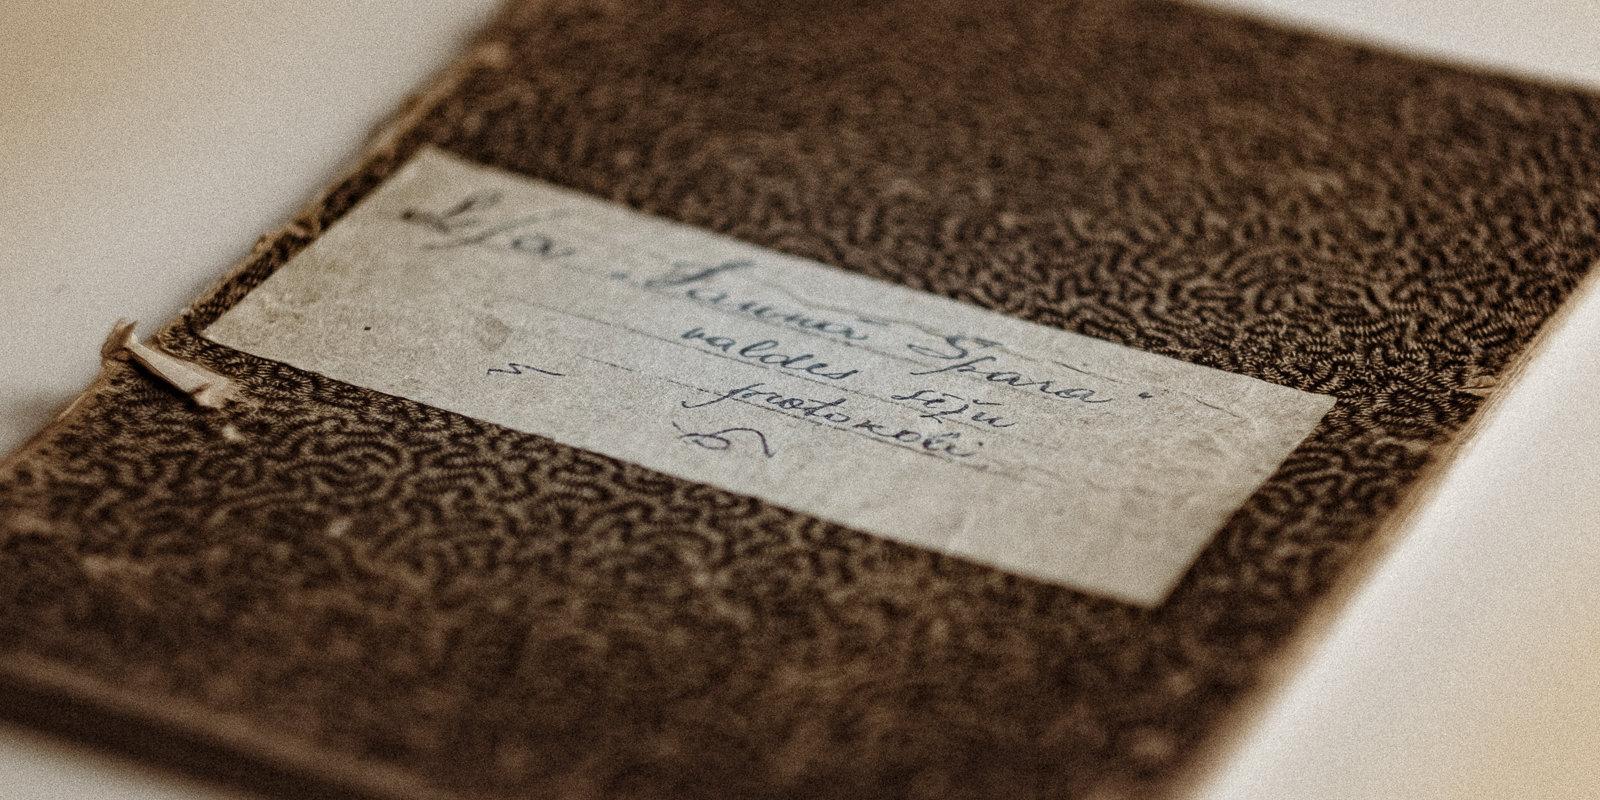 Kā 1949. gada pavasarī kaimiņi dalīja uz Sibīriju aizvesto ģimeņu mantas